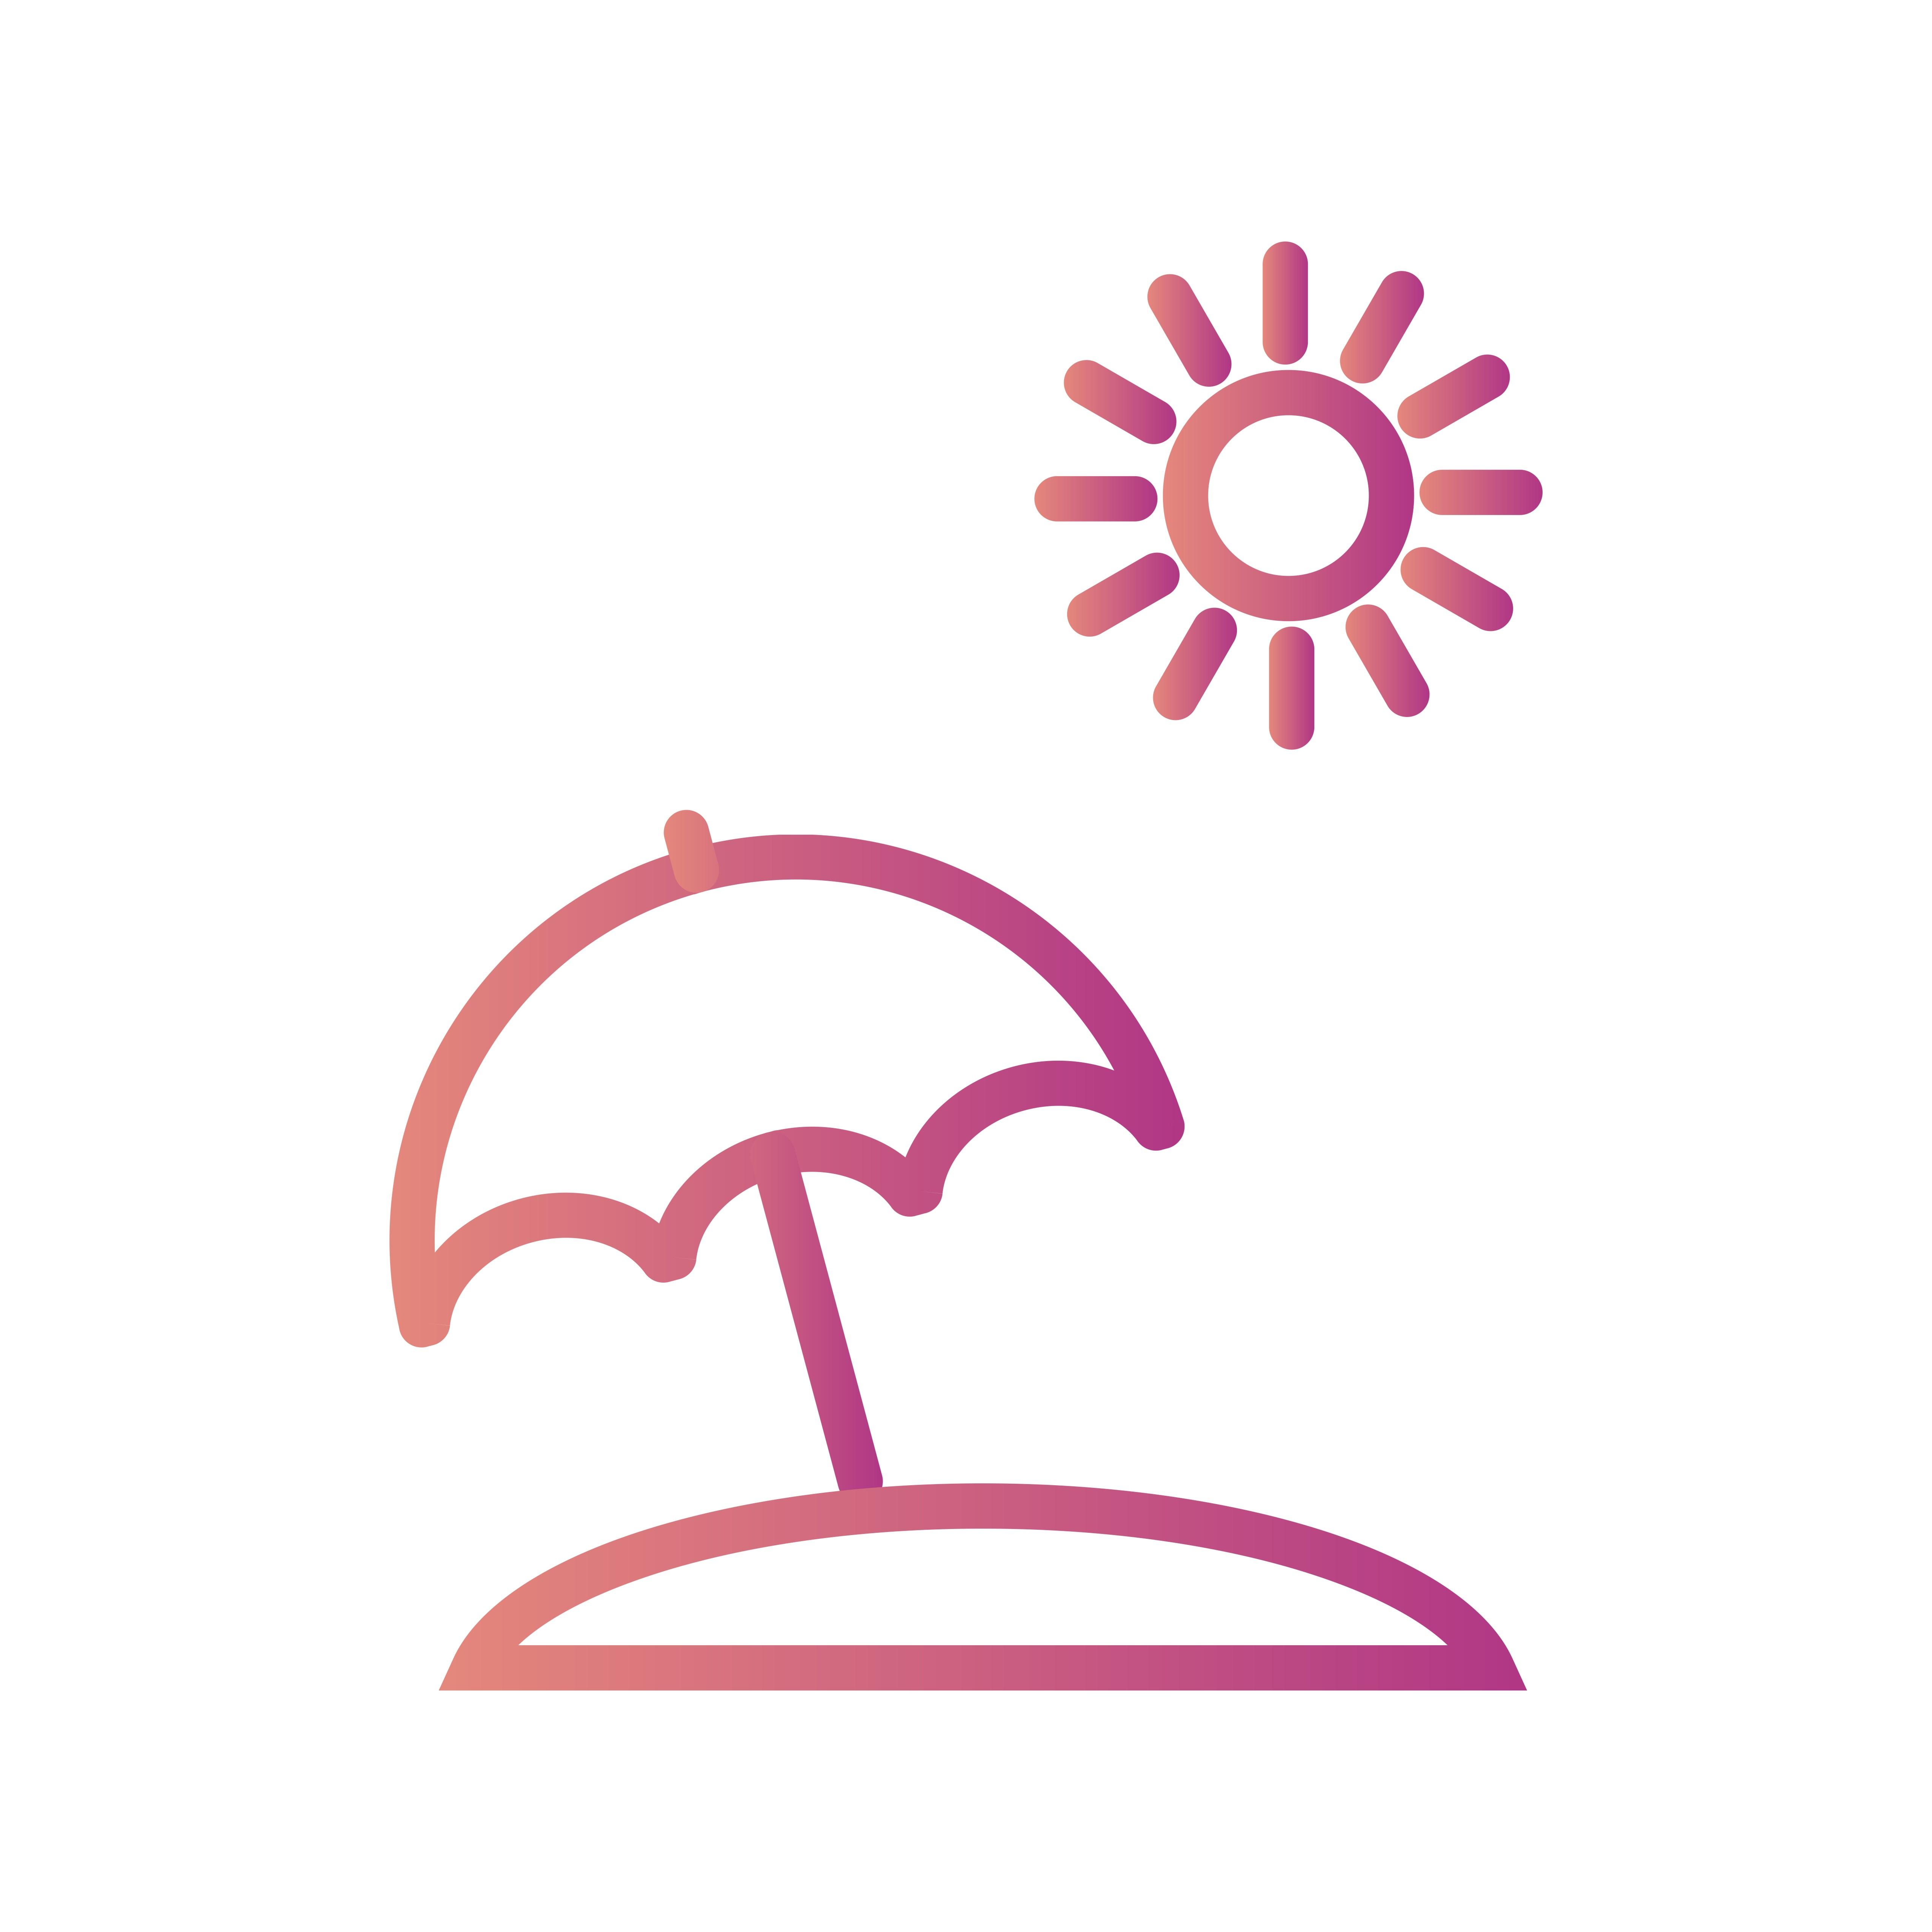 Beach Umbrella Vector Icon - Download Free Vectors ...